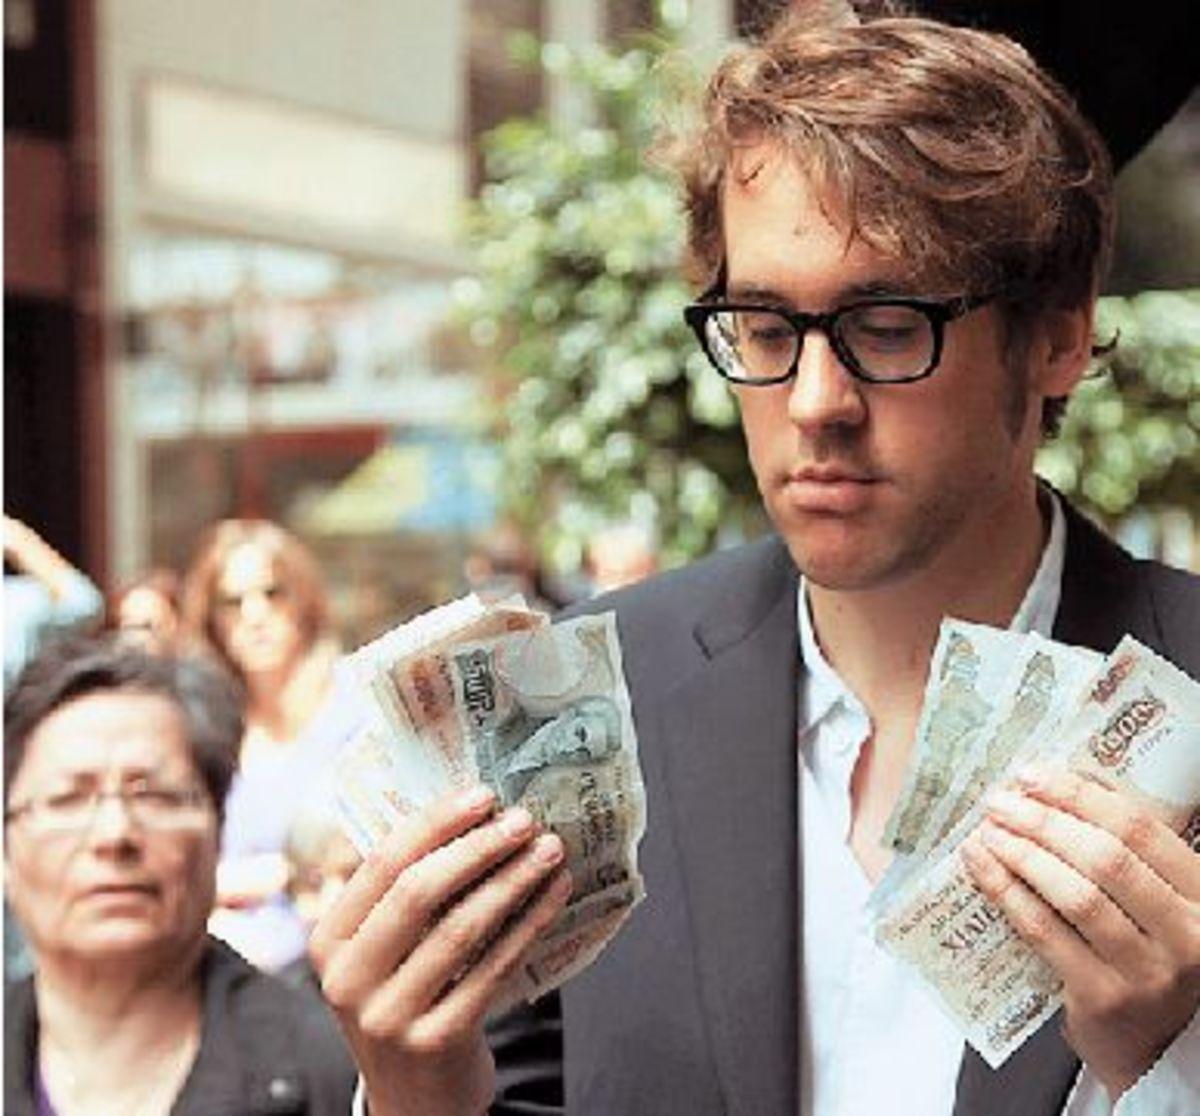 Ο άνθρωπος που μας πρότεινε να πουλήσουμε την Ακρόπολη για να ξεχρεώσουμε   Newsit.gr